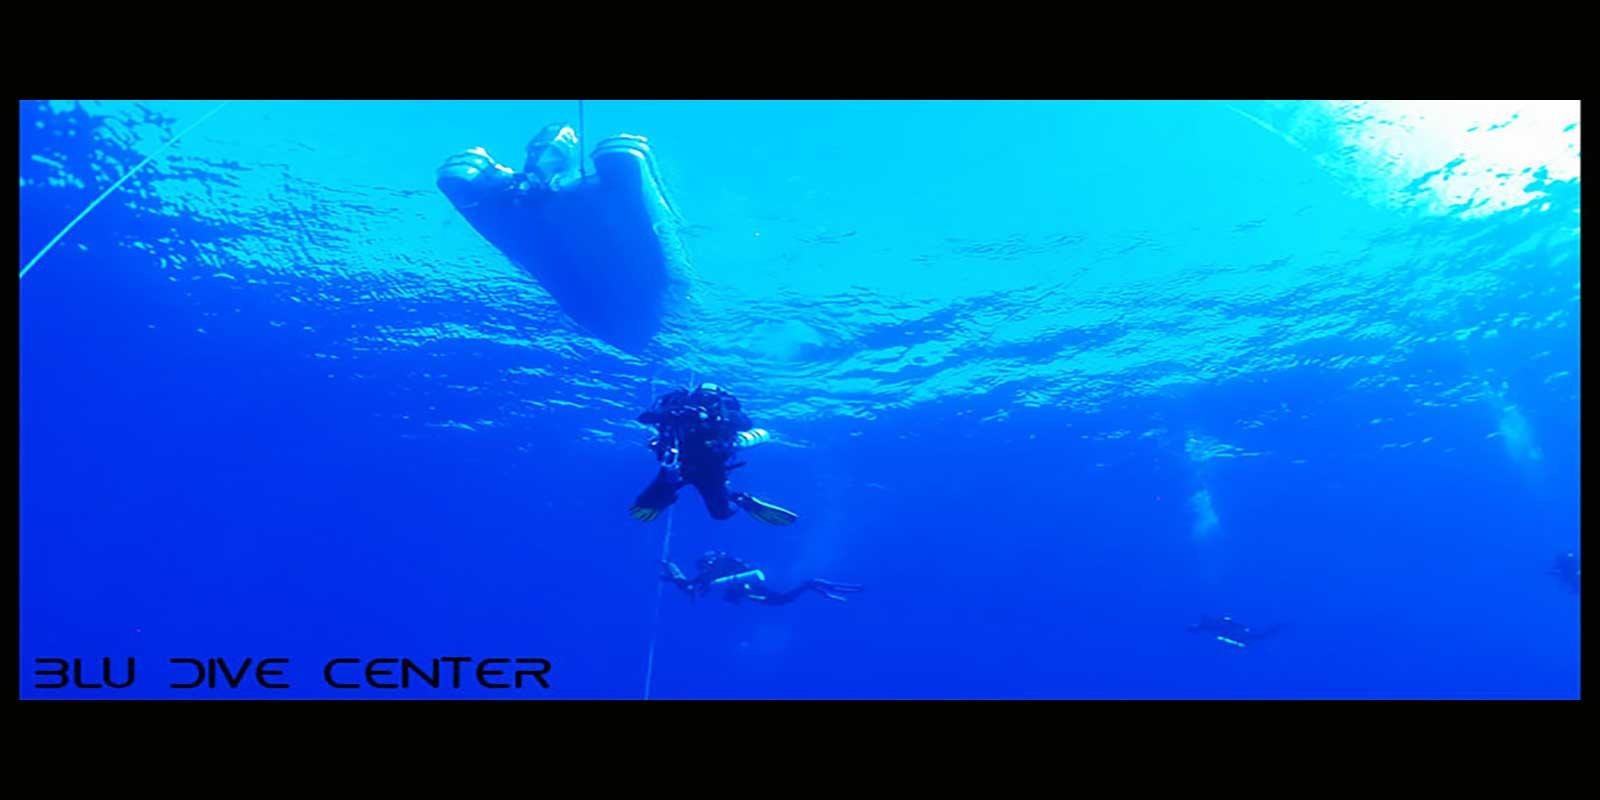 Adotta un gommone blu dive center santa teresa gallura sardegna - Dive center blu ...